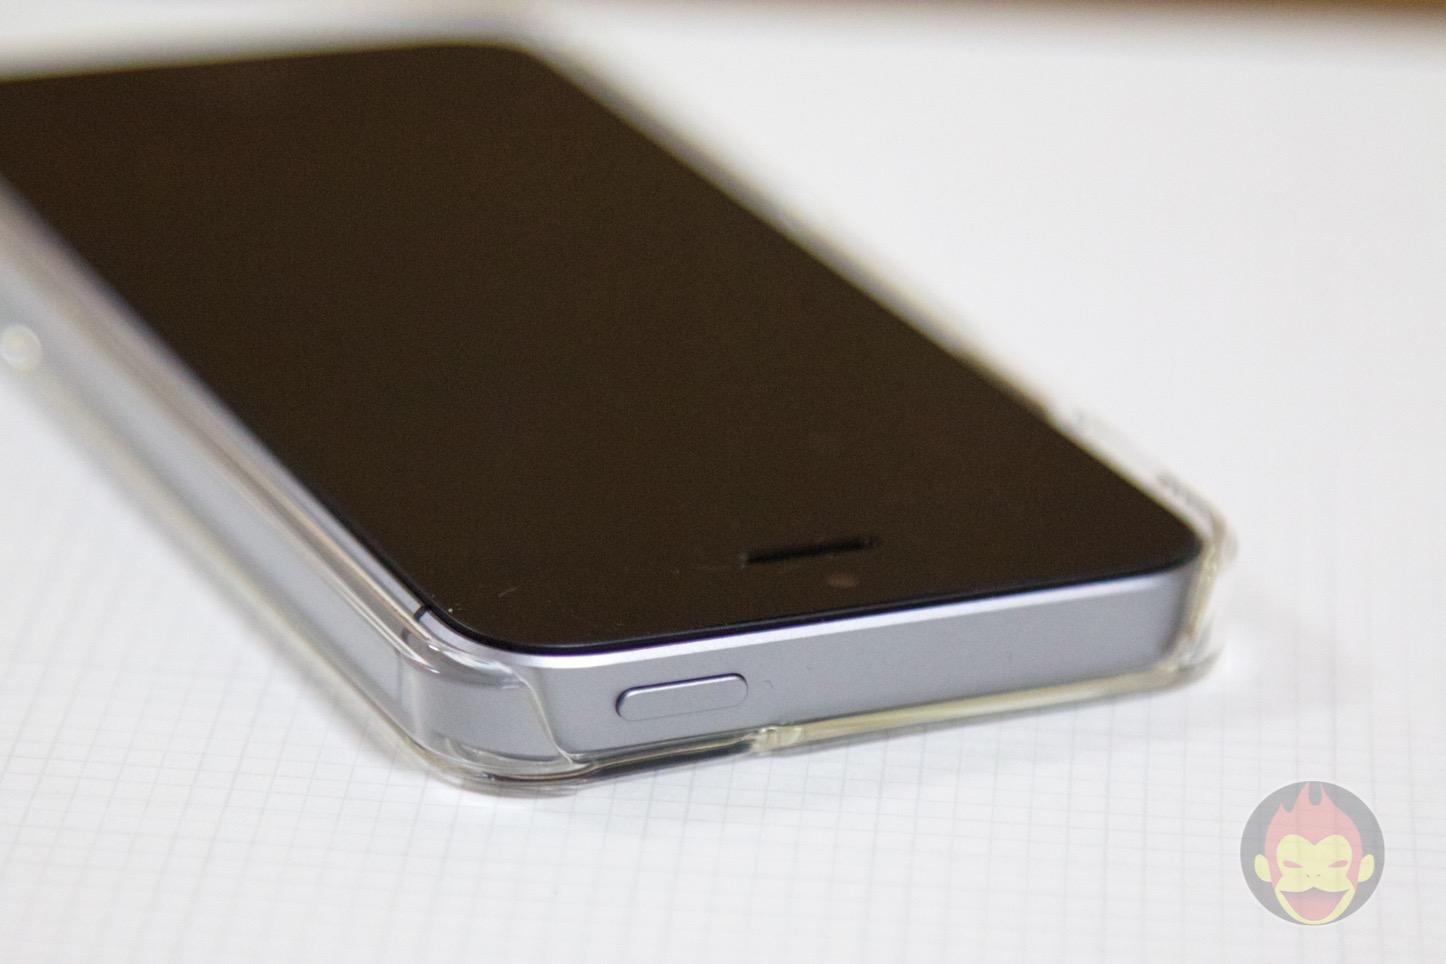 Spigen Thin Fit iPhone SE Case